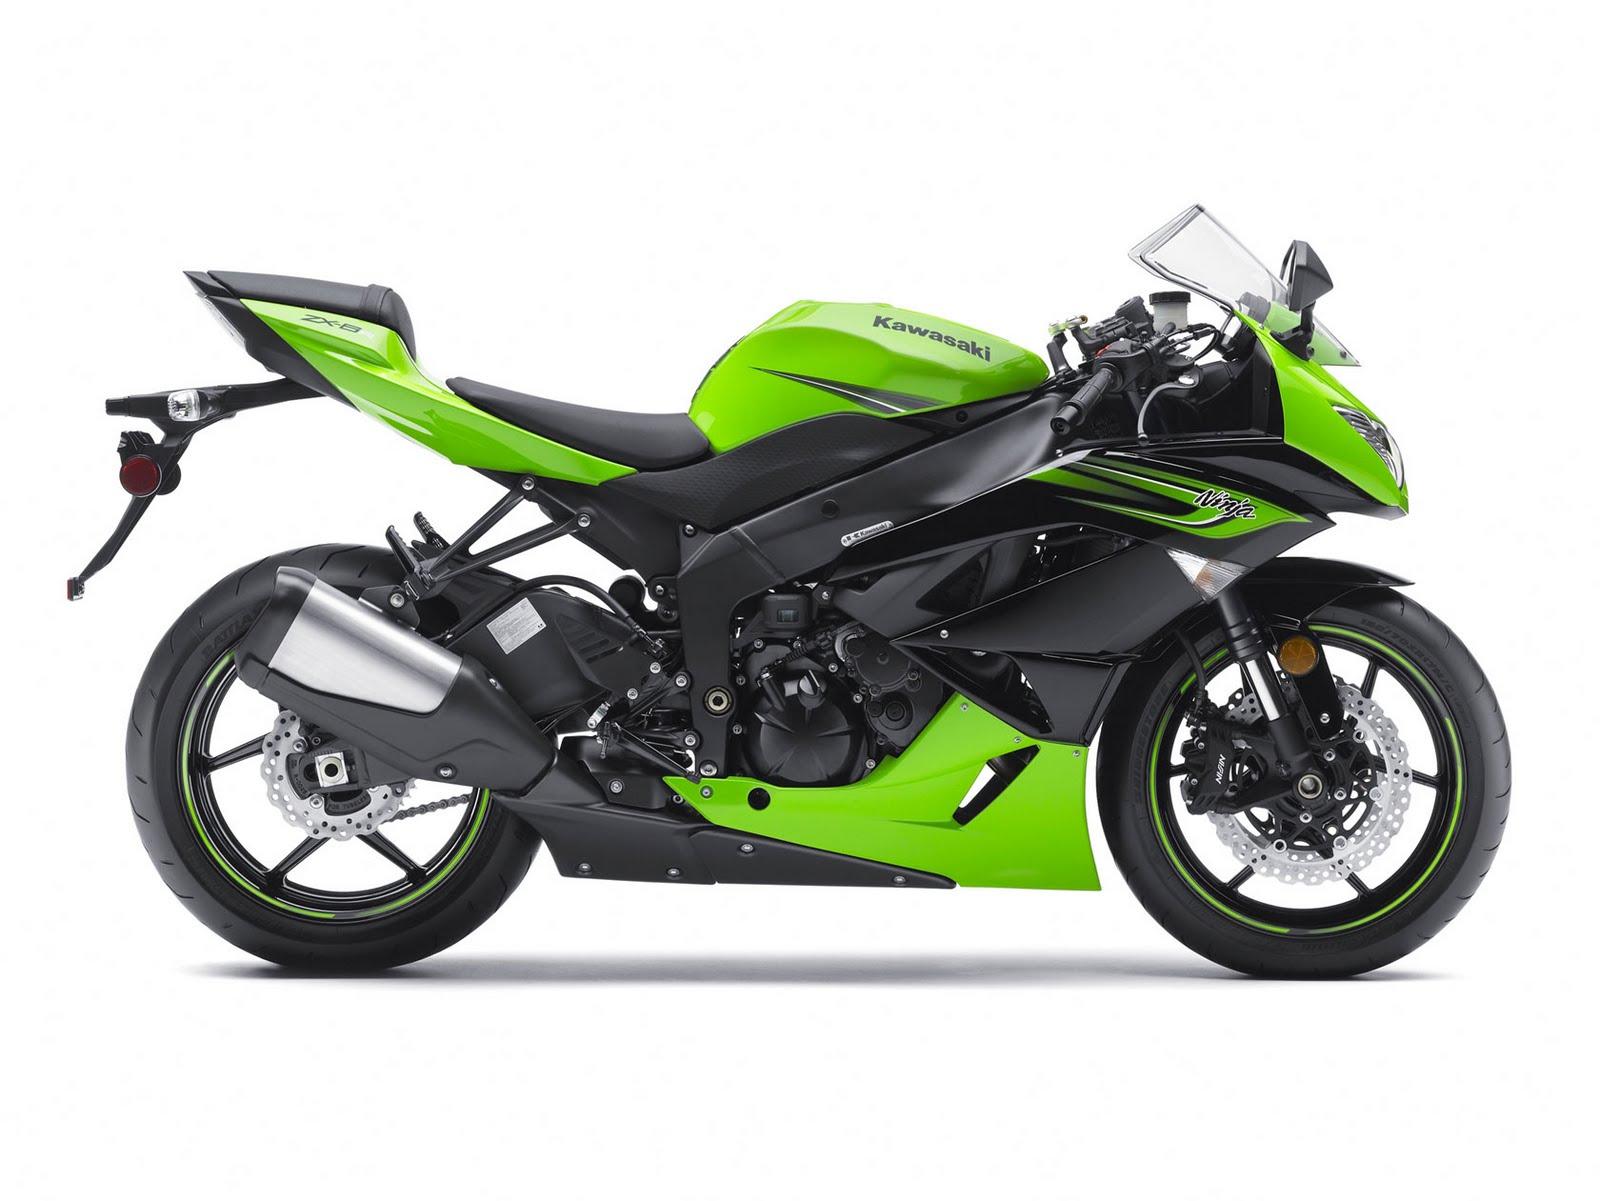 http://2.bp.blogspot.com/-qga0ra5E6J8/TeYxeaX6JUI/AAAAAAAAAs0/63FxC8-C9pY/s1600/2011-Kawasaki-Ninja-ZX-6R-Sportbike.jpg